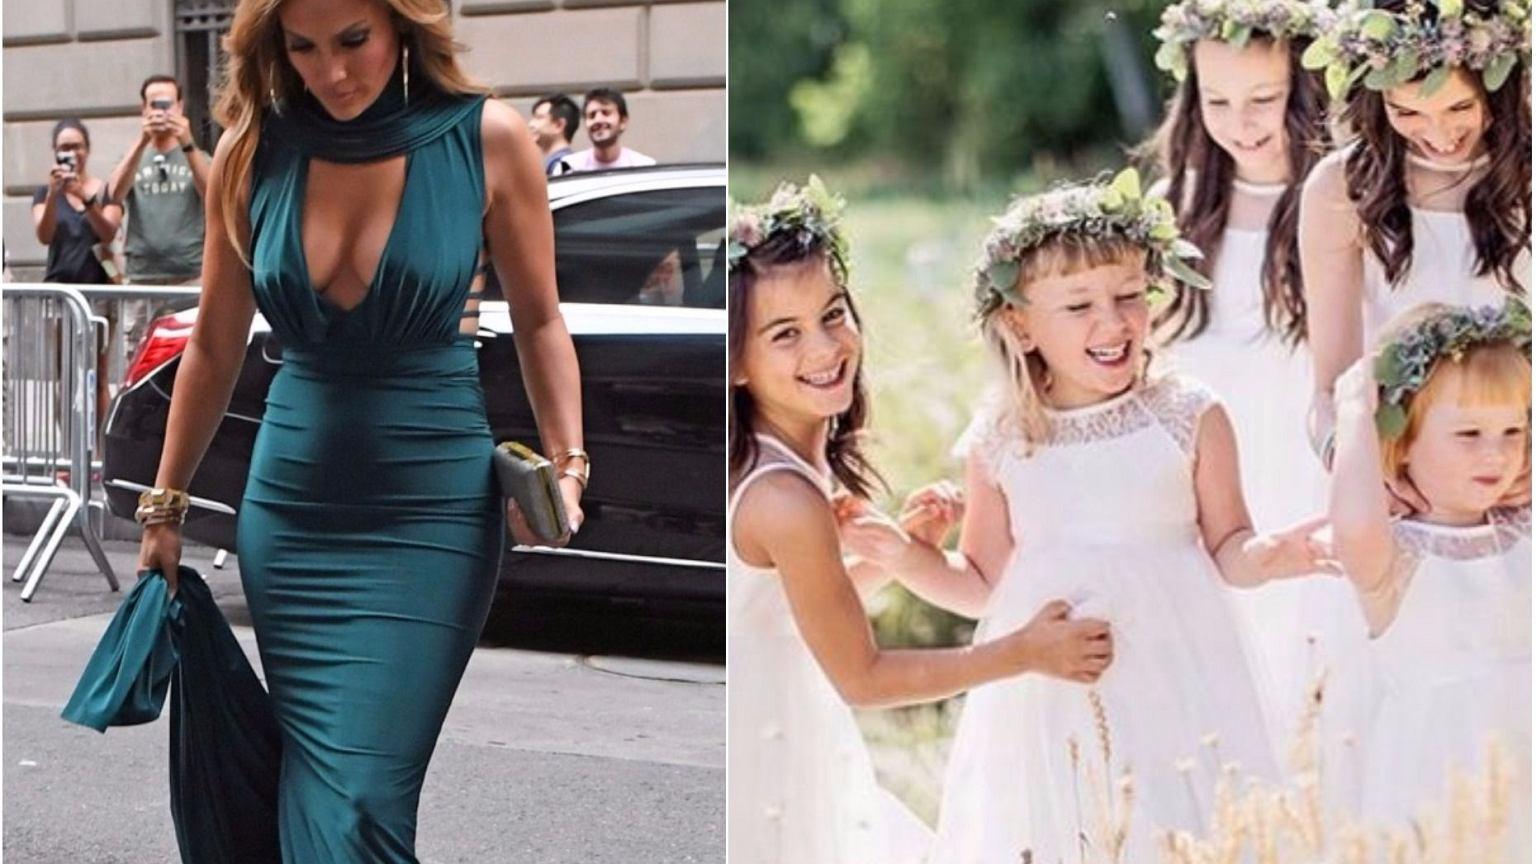 c075d1ce44 Jak ubrać się na ślub  Mamy dla Was najpiękniejsze suknie z internetu i...  stroje dla dzieci